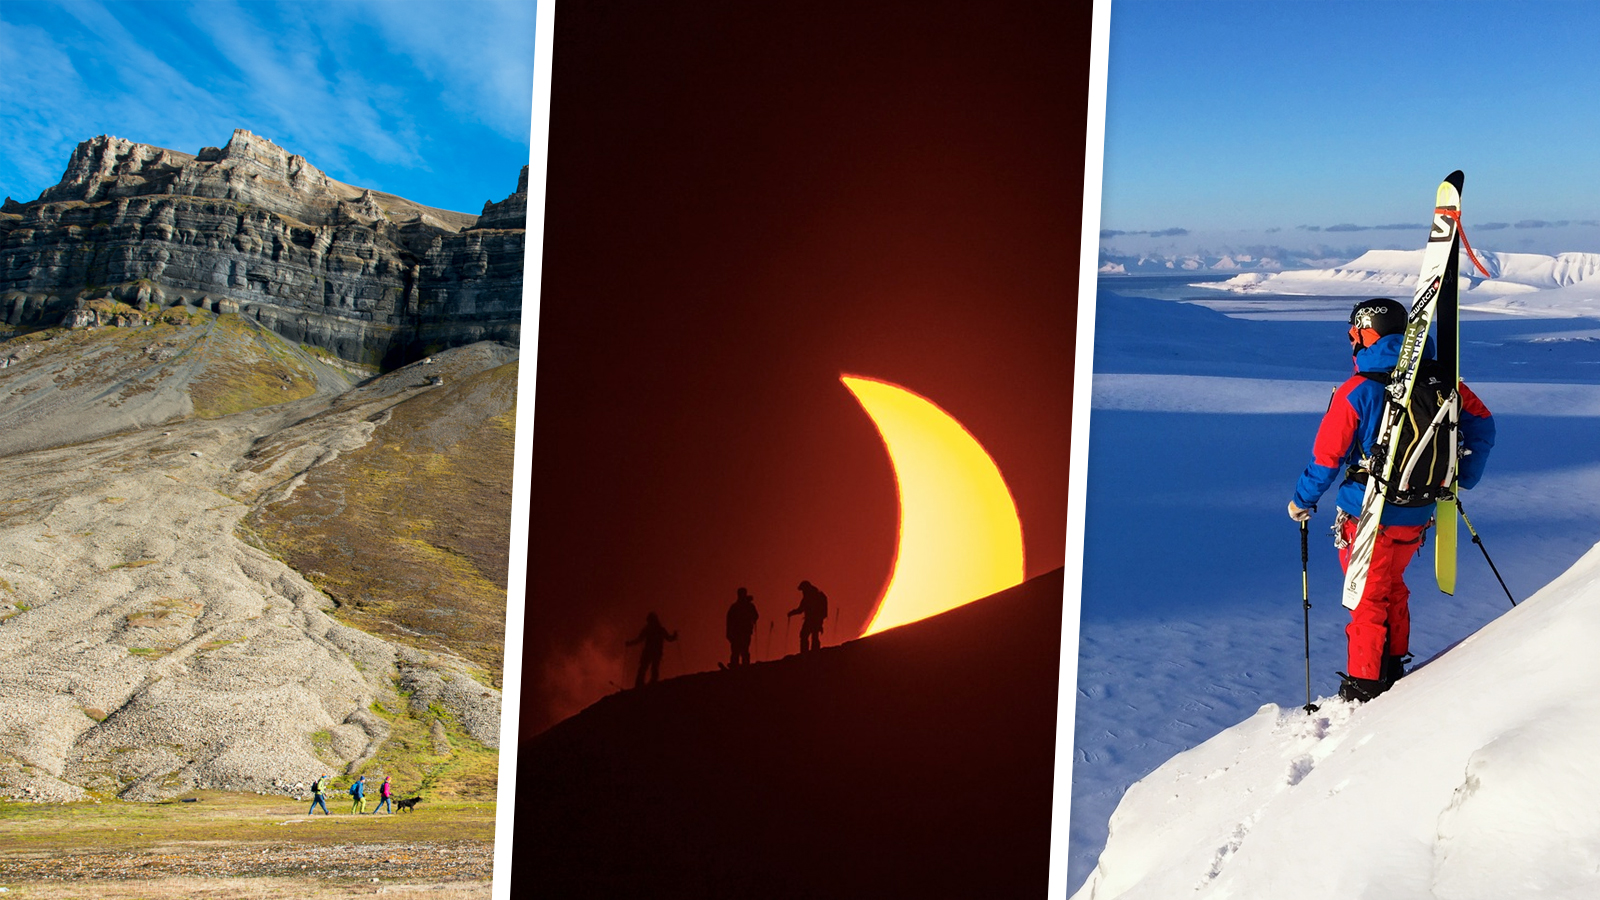 ECLIPSE au Svalbard, le rendez-vous unique du dépassement de soi